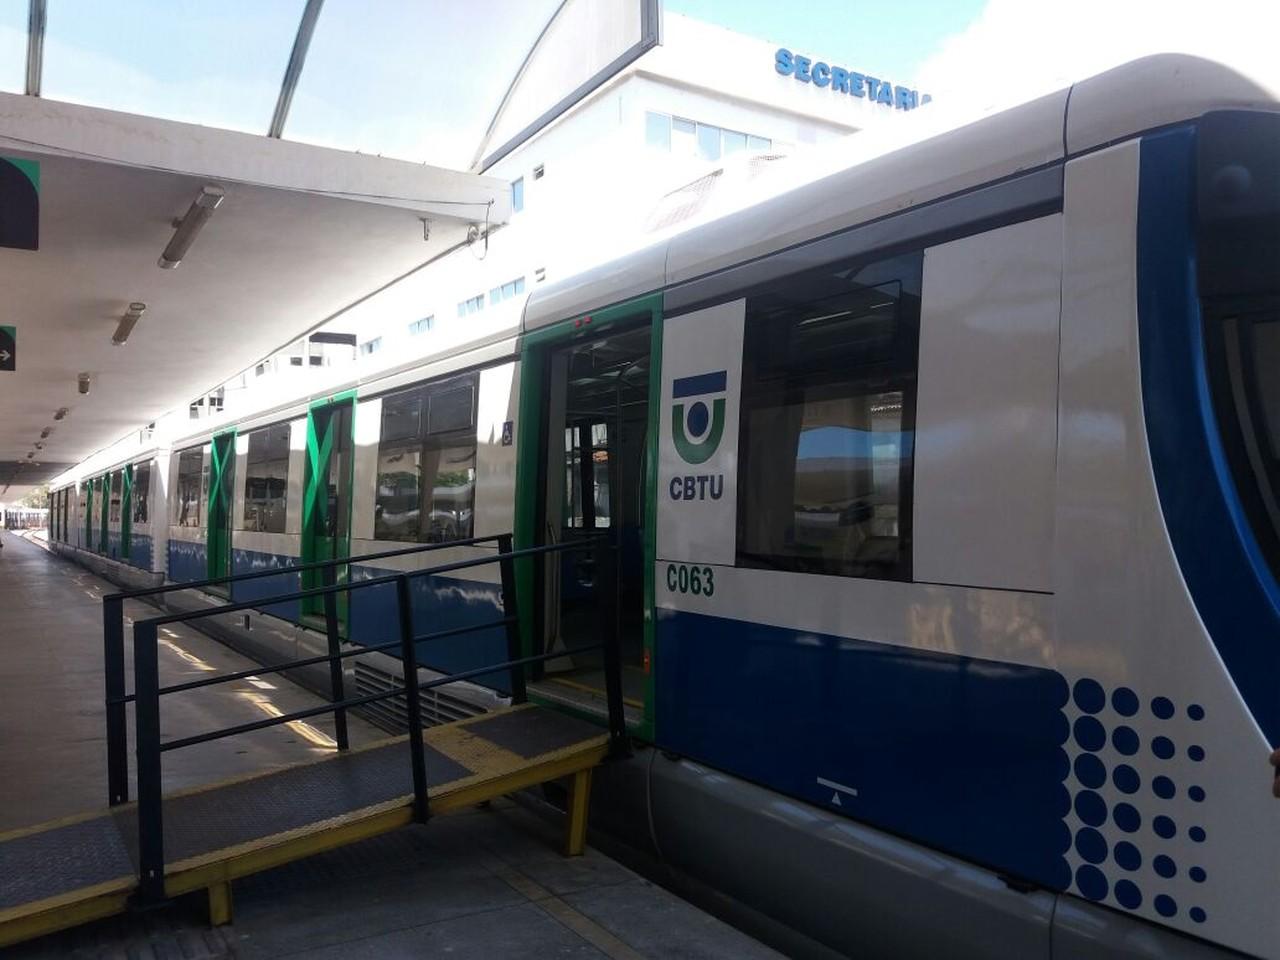 CBTU consegue na Justiça direito a retomar viagens de trens e VLT entre Maceió e Lourenço de Albuquerque — Foto: Suely Melo/G1